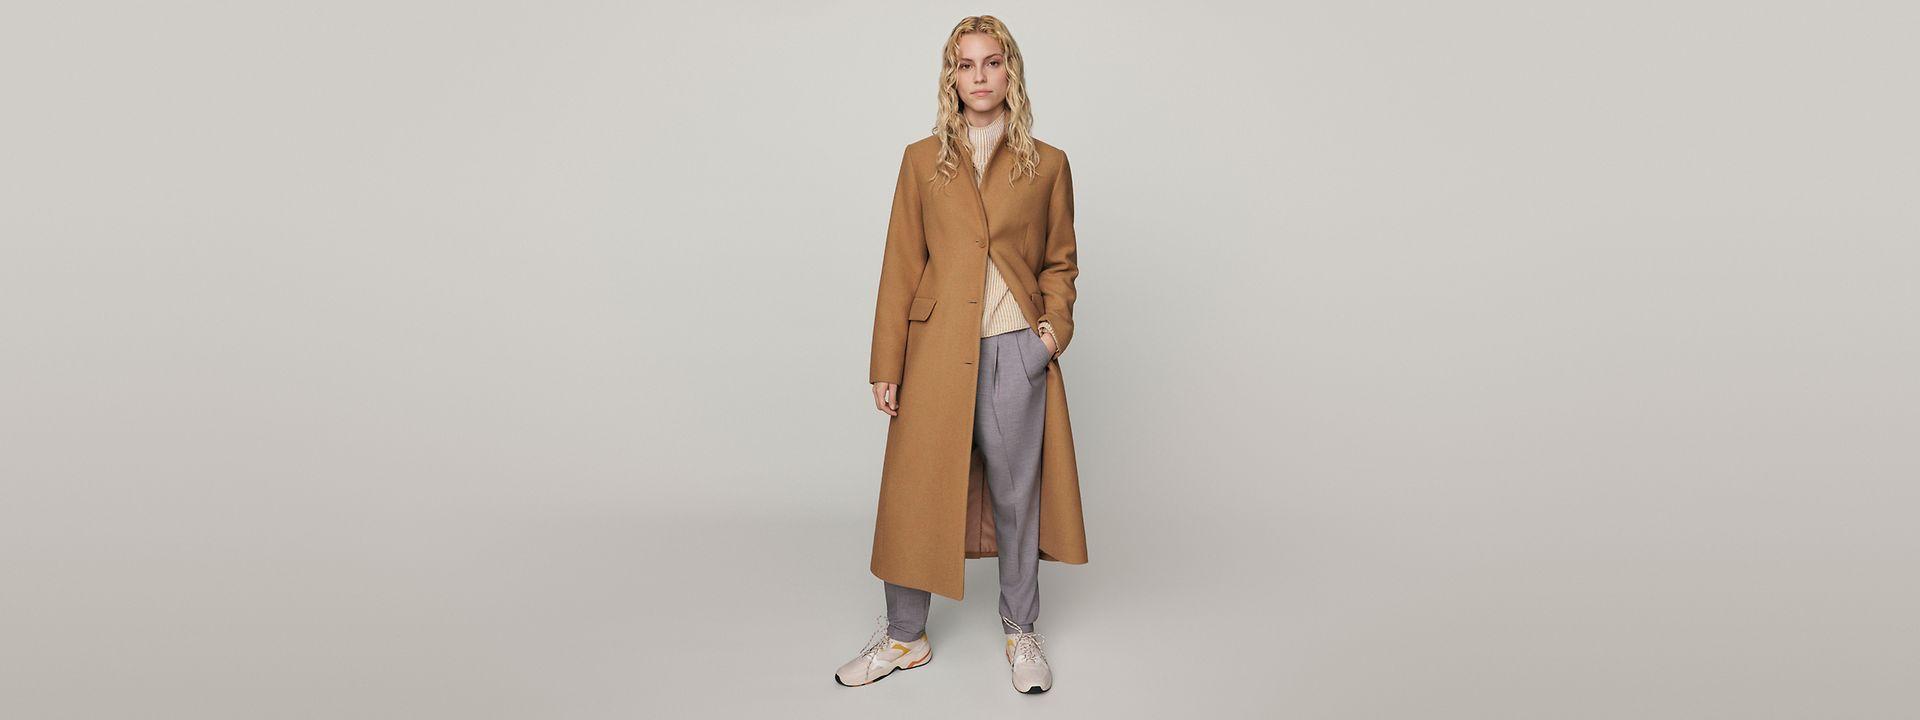 372021--W---Lookbook--Hero-Medium---Wool coats---Hello_FW21_S49_019